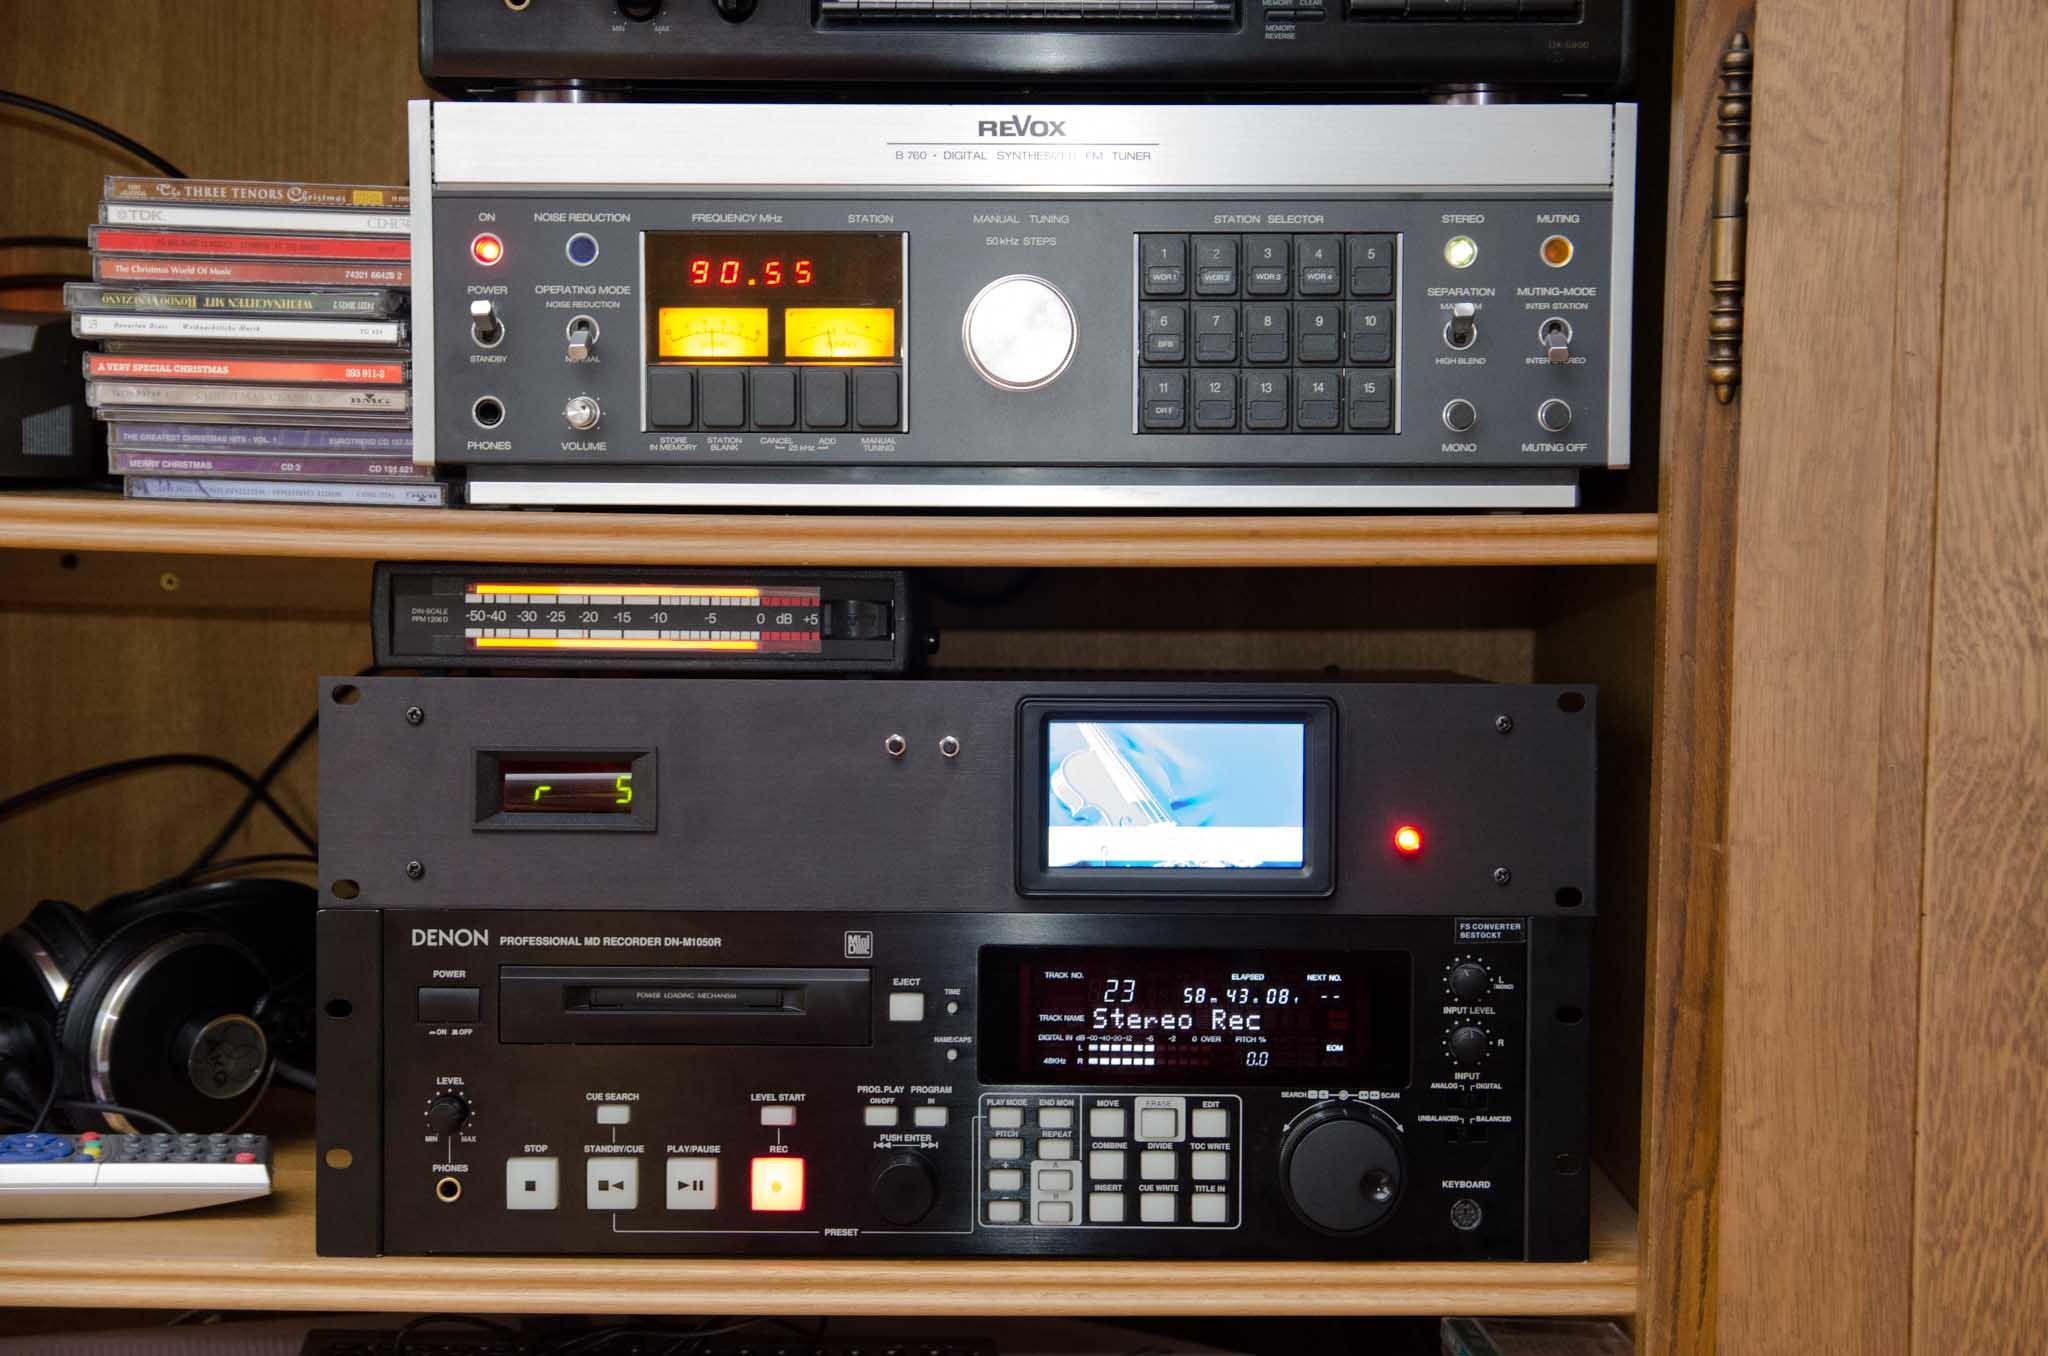 DVBC-RX-20121231-063